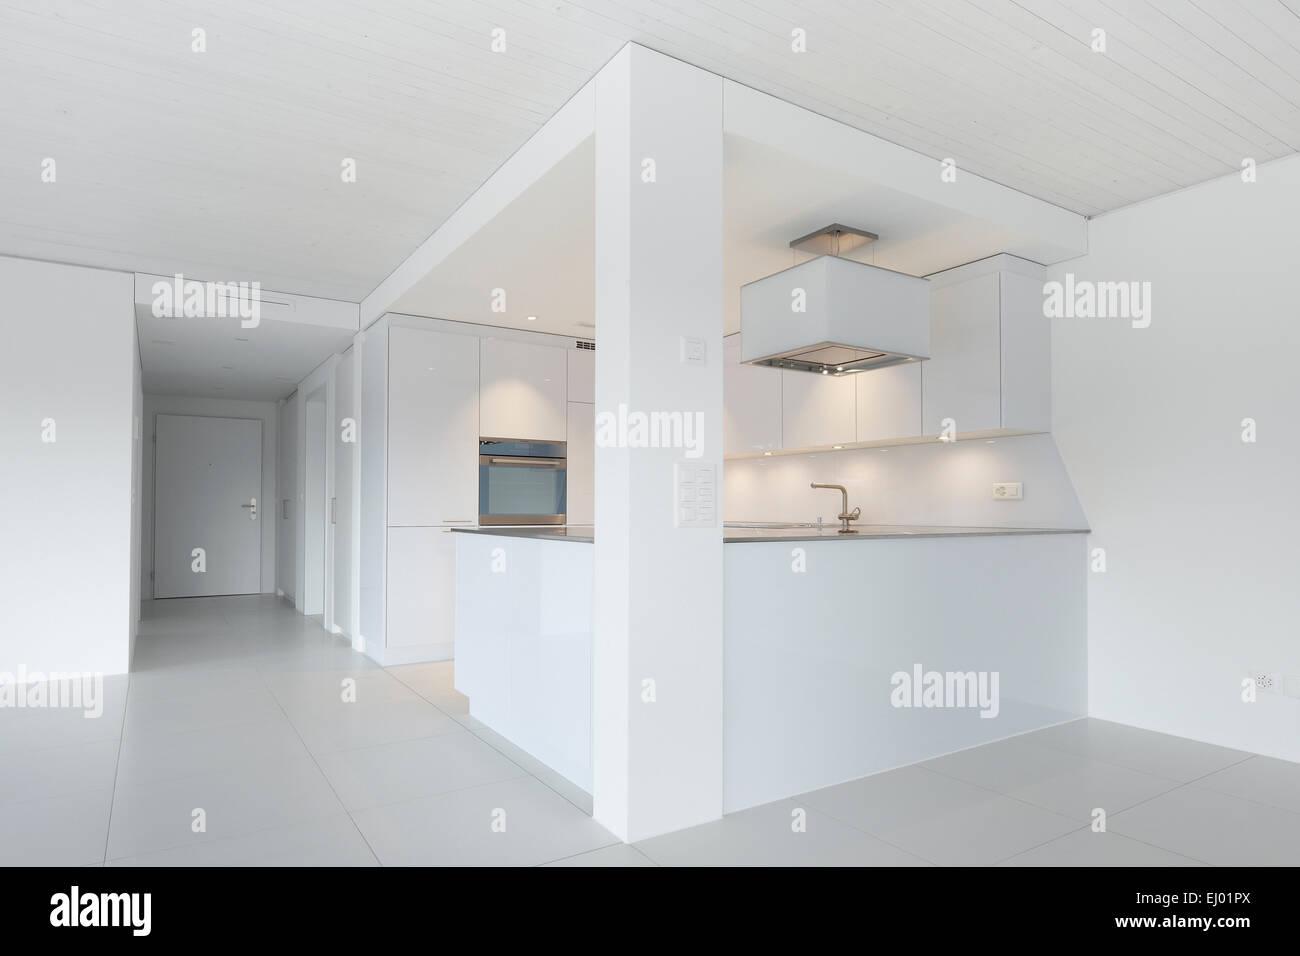 Schön Küche Modern Weiss Ideen Von Architektur, Chromstahl, , Wohnung, Interieur, Küche, Schweiz,